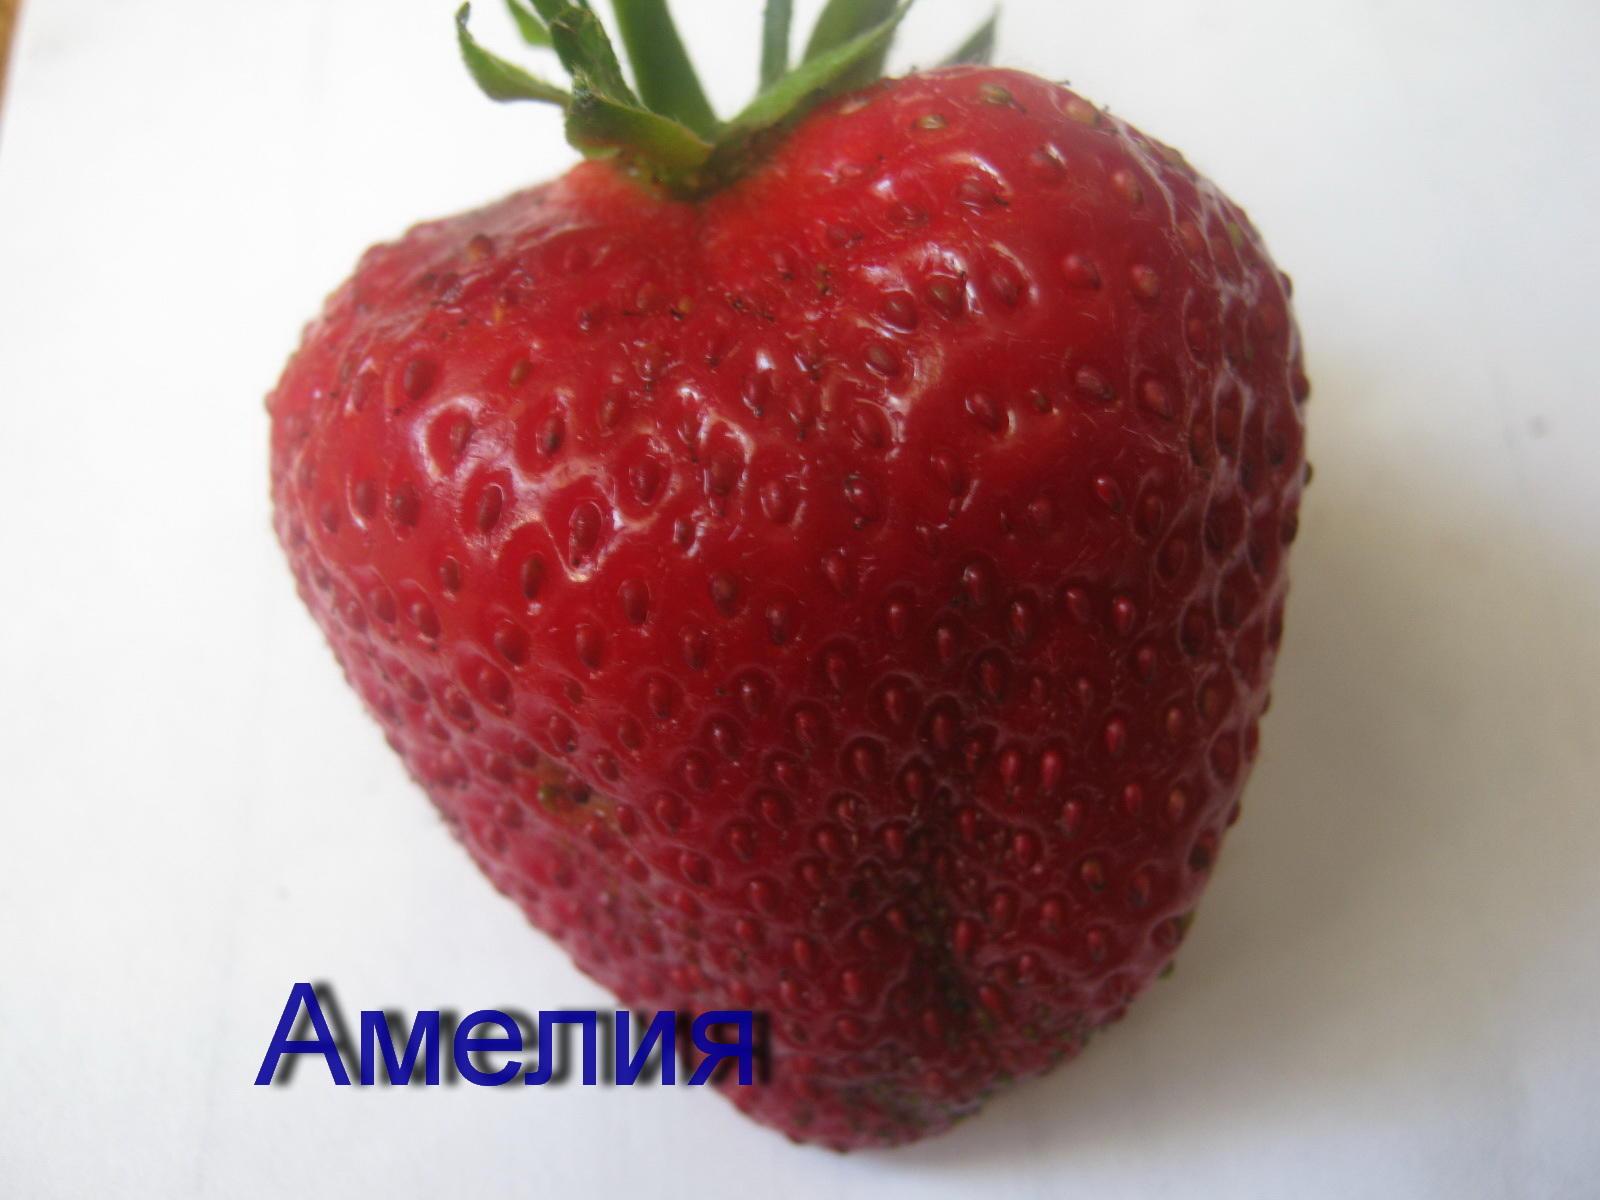 клубника Амелия фото